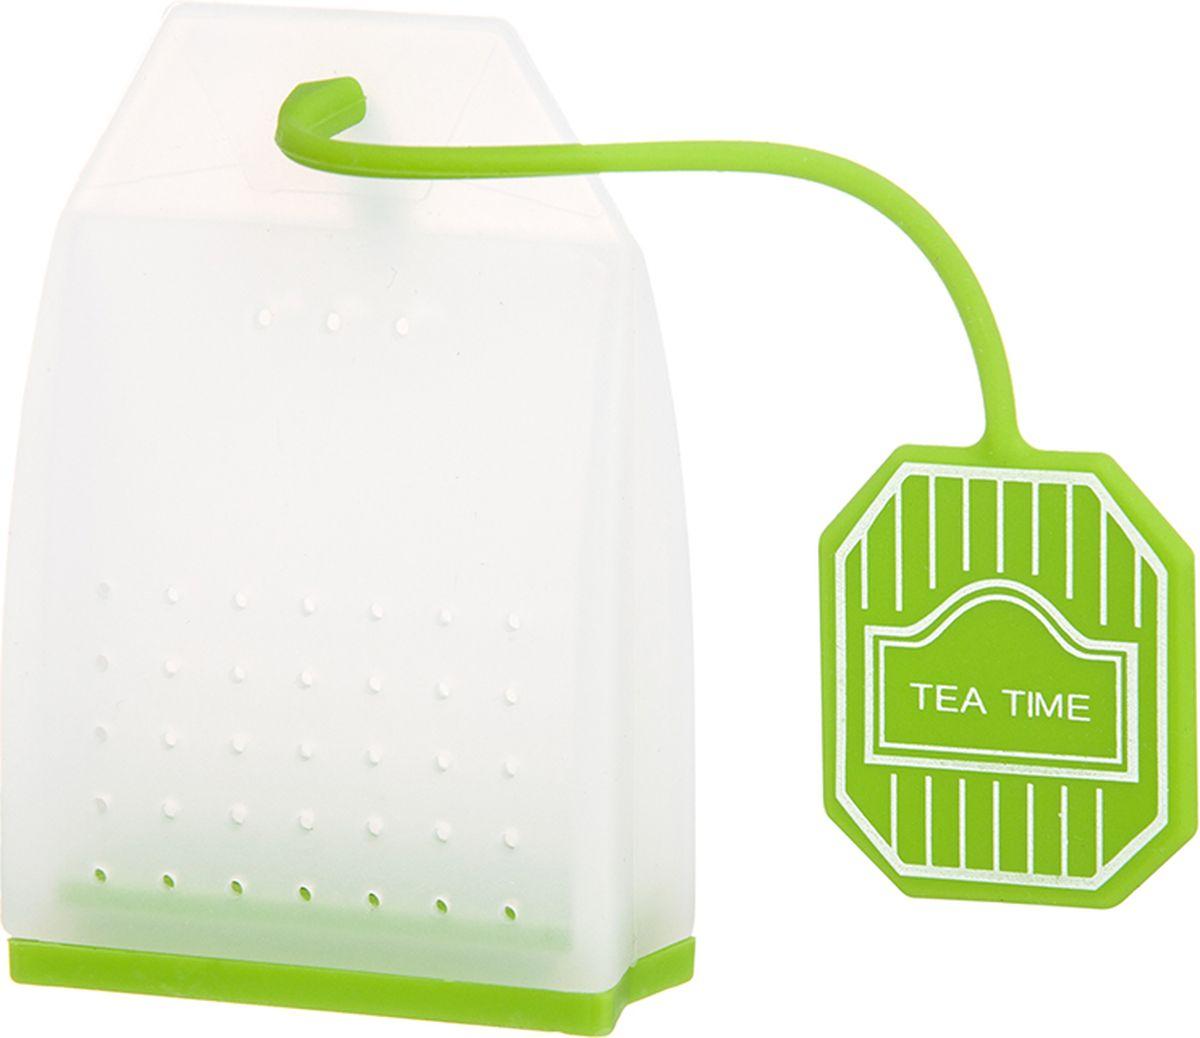 Ситечко для чая Elan Gallery Пакетик, цвет: белый, салатовый, 4,5 х 6,7 х 2 см900063Силиконовое ситечко для заварки чая и трав прекрасно подойдет всем любителям чая. Ситечко довольно вместительное, с удобным силиконовым шнурком. Размер 4х3,3х5 см.